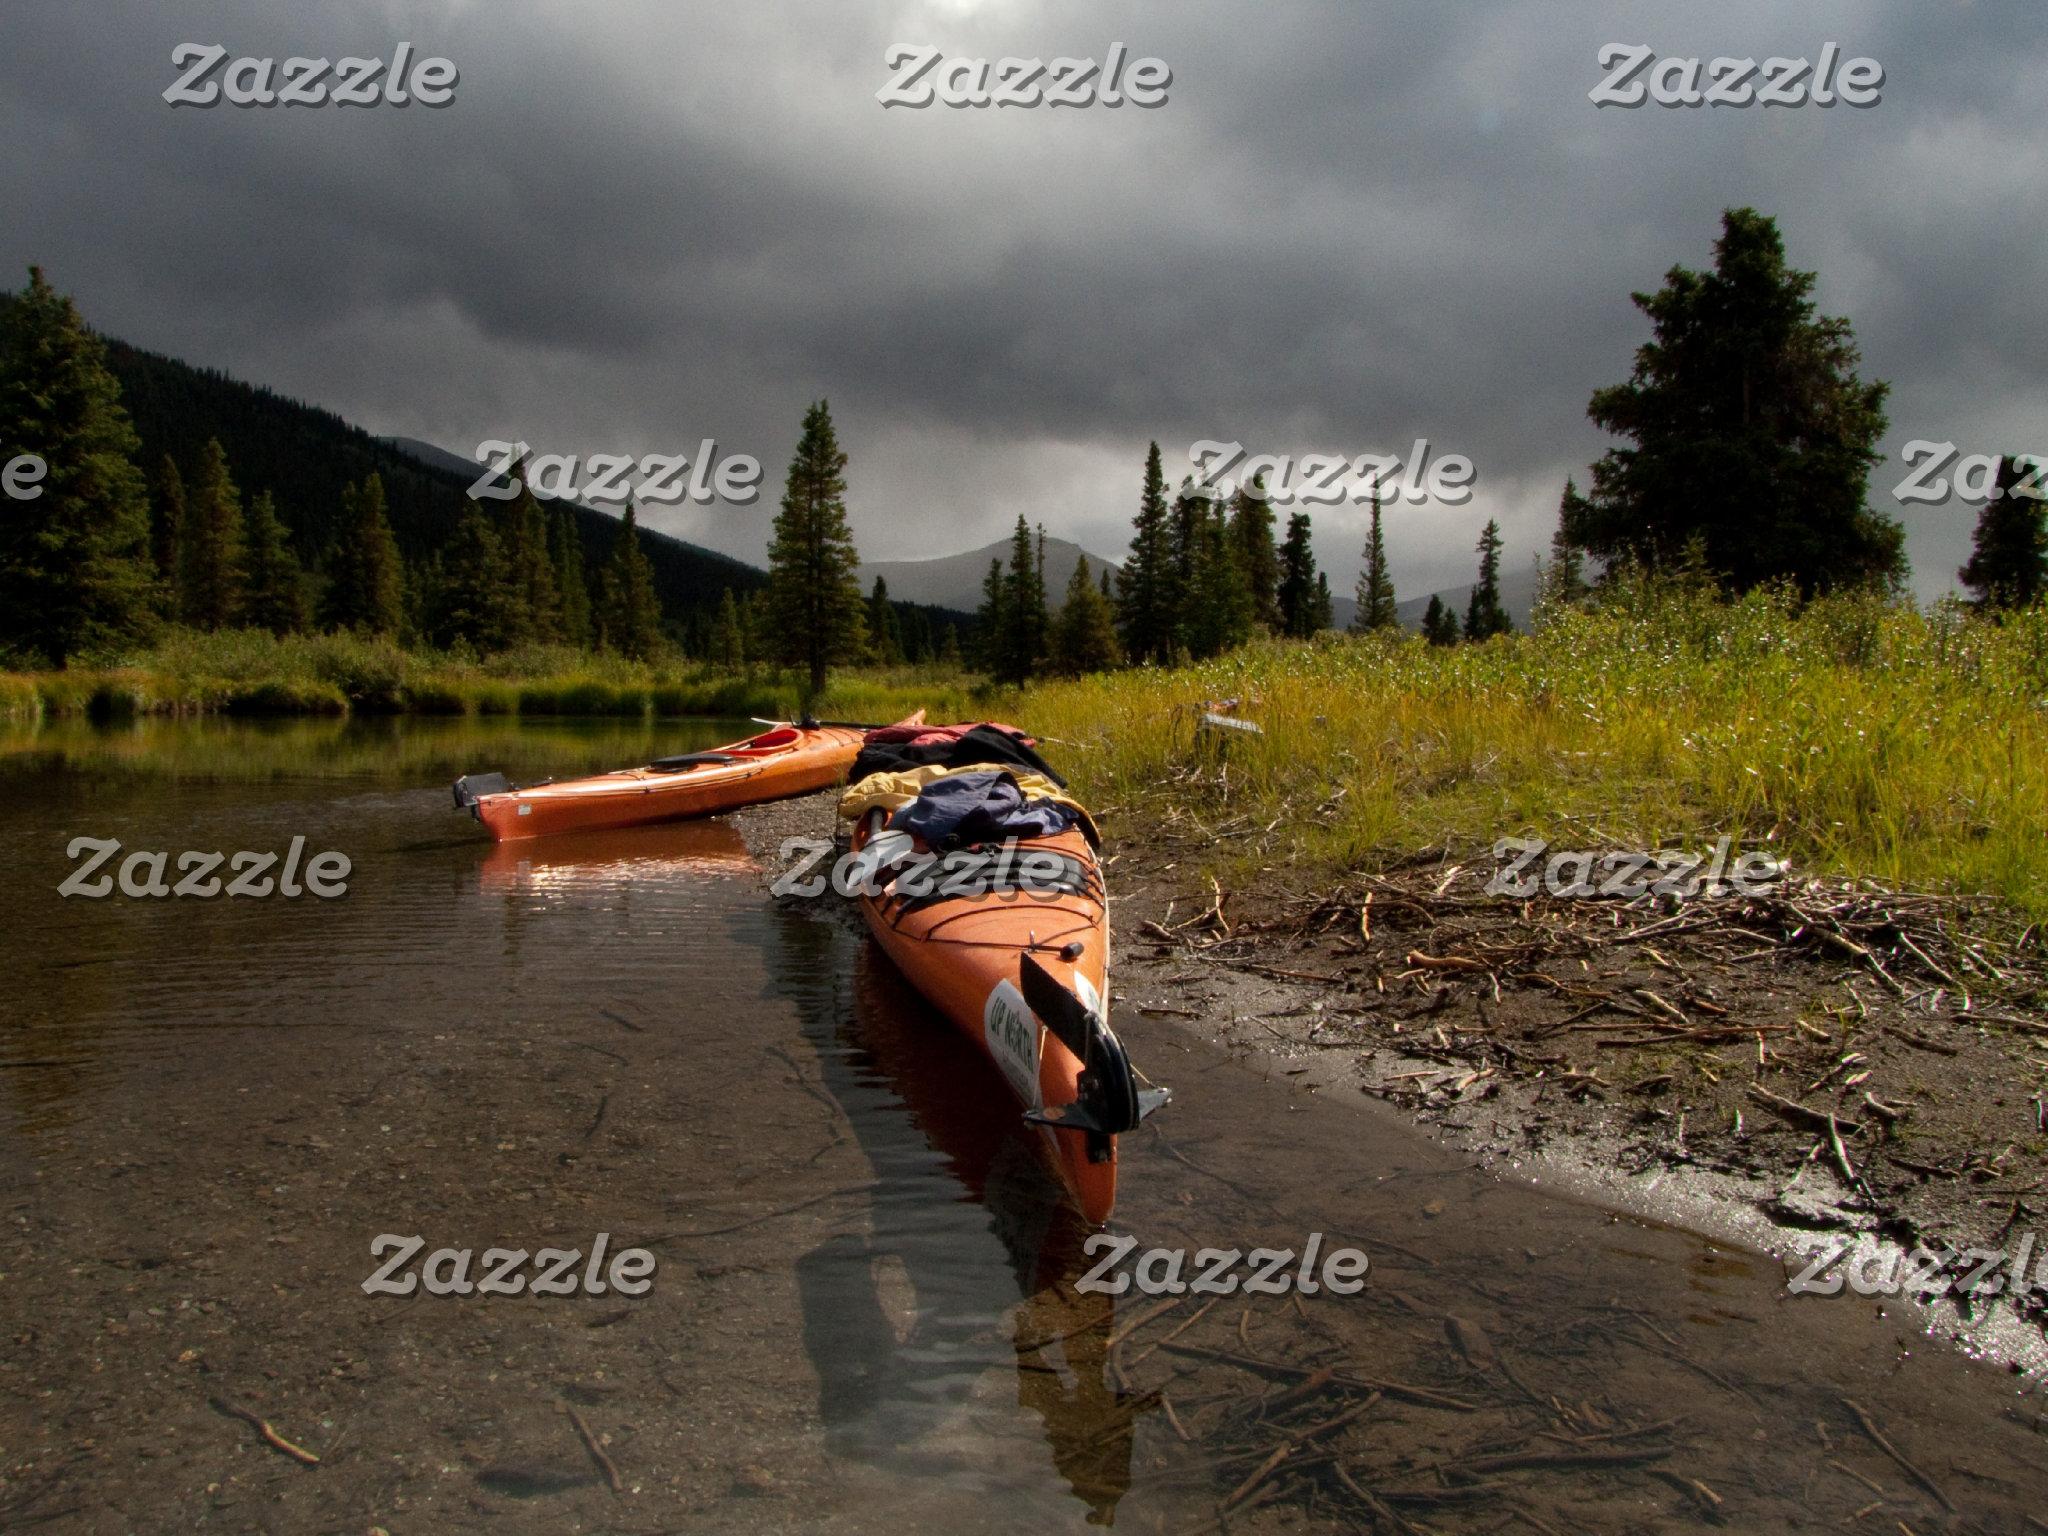 Kayak Images